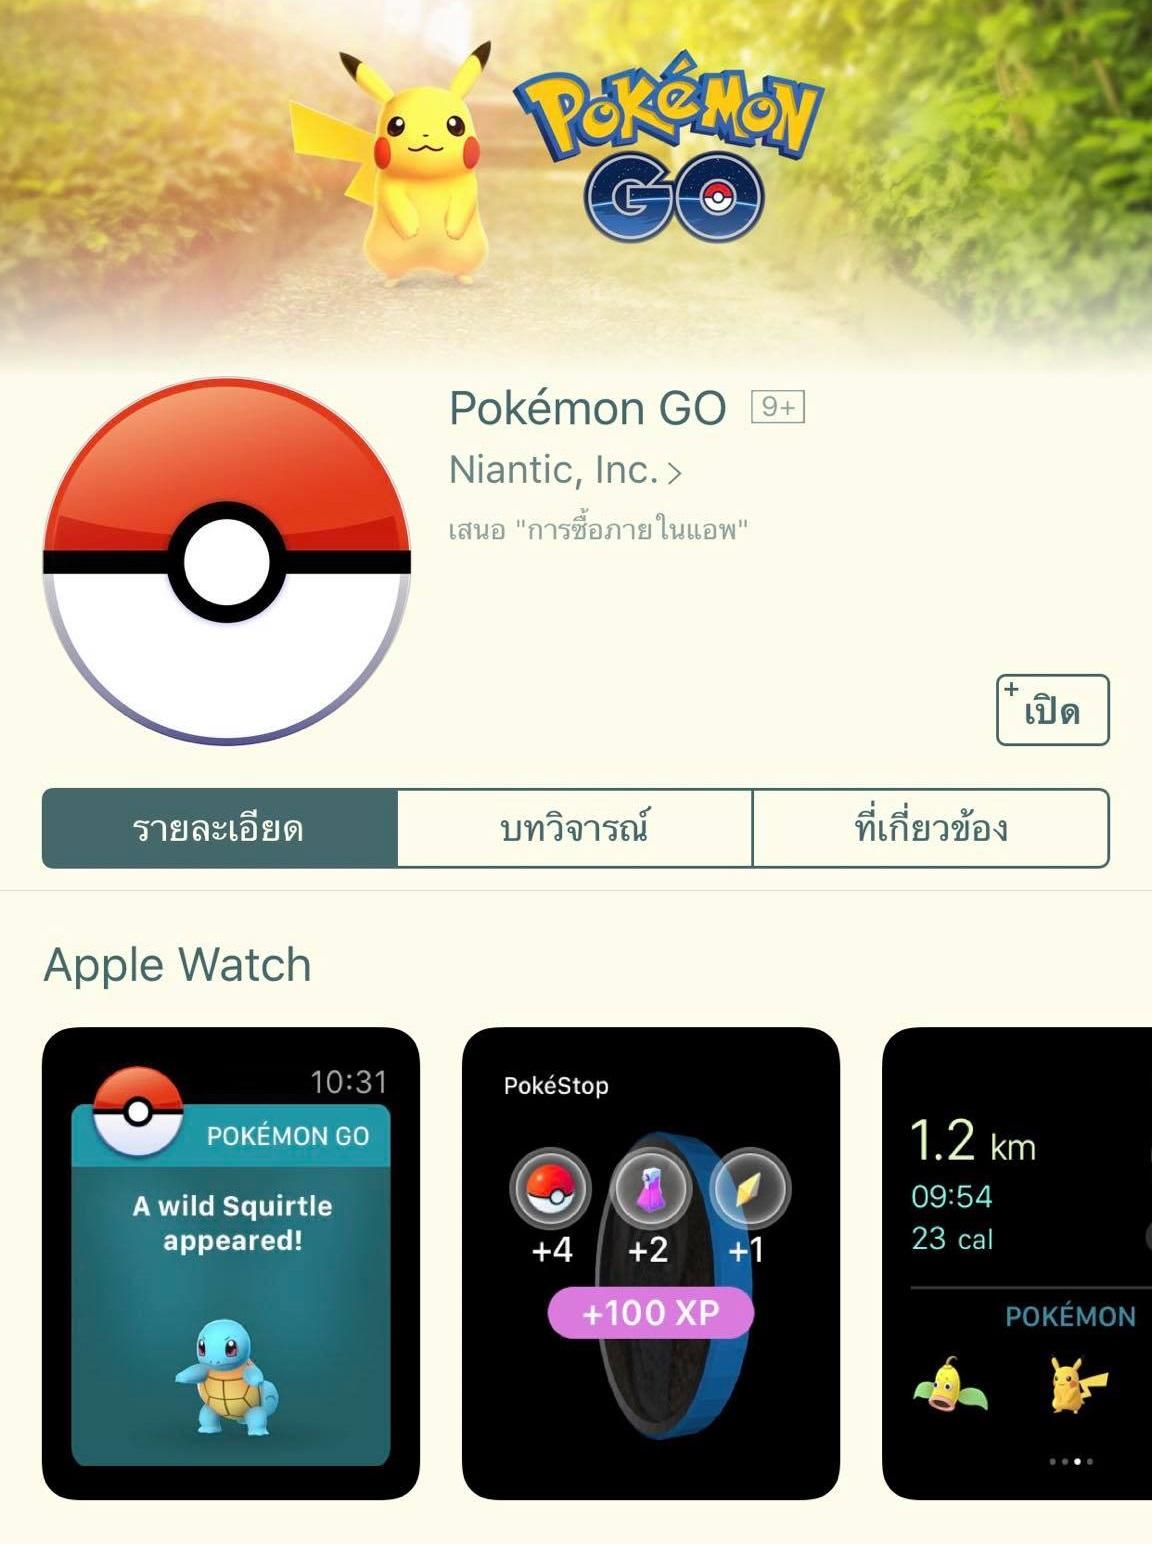 Pokémon GO_Apple Watch (2)